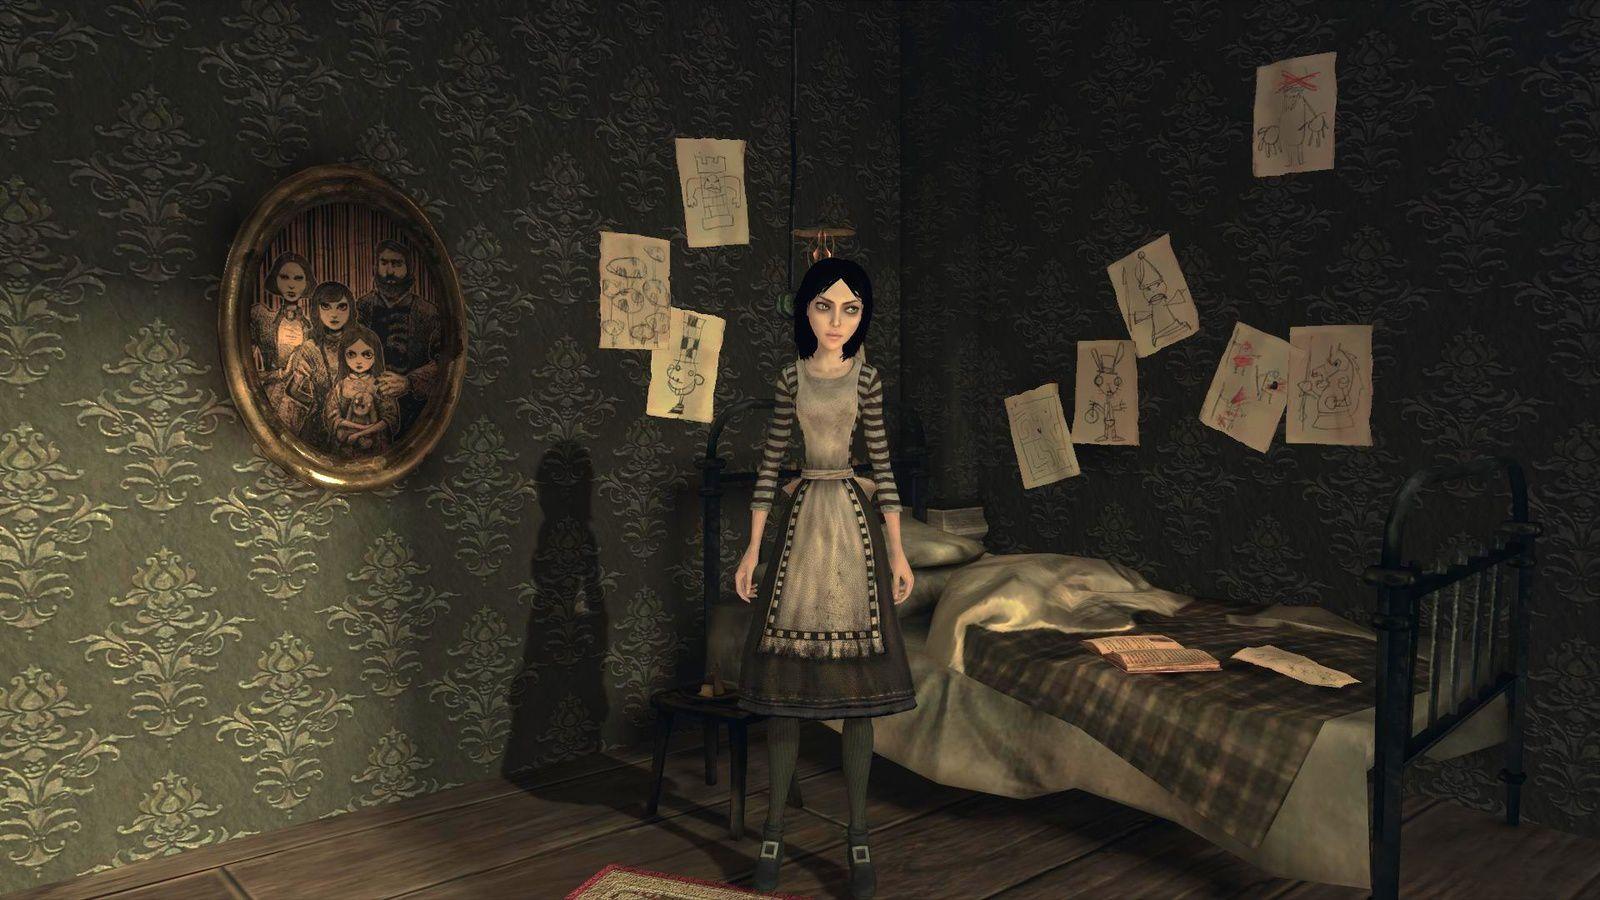 Soyez les bienvenus dans le monde réel d'Alice personne de jeu vidéo inspirée d'un livre inspiré d'un vraie fillette qui inspirait de vrais fantasmes malsains à un véritable artiste du monde réel